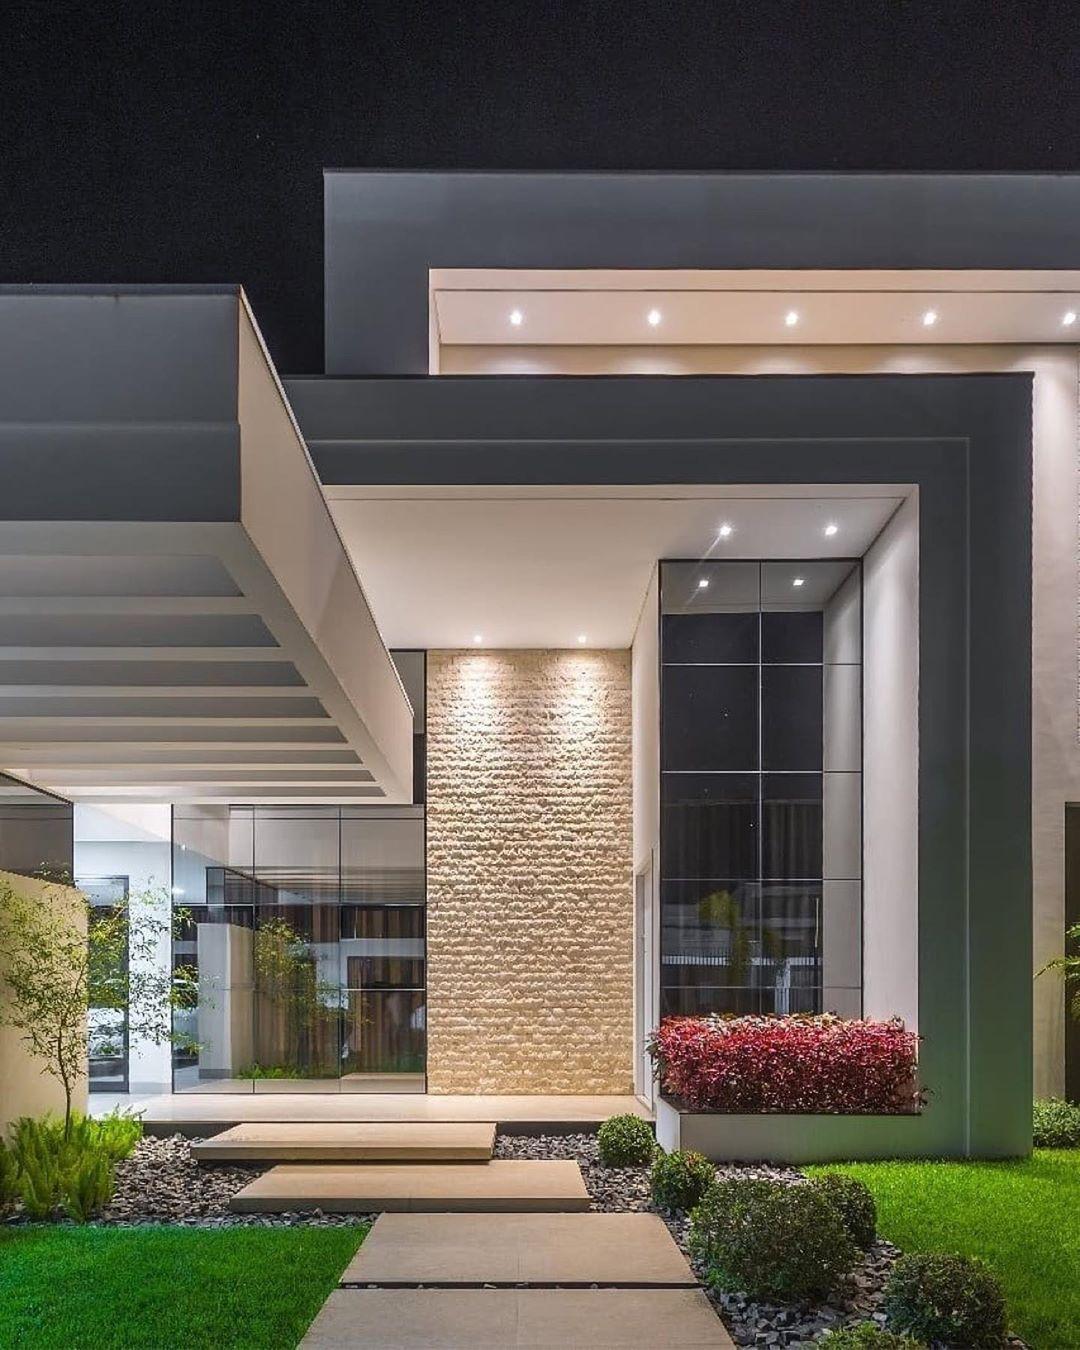 Planification Financière Immobilier Achat D Immobilier Vente D Immobilier Accessoires Pour La Mai Maison D Architecture Maison Design Maison Architecte Moderne